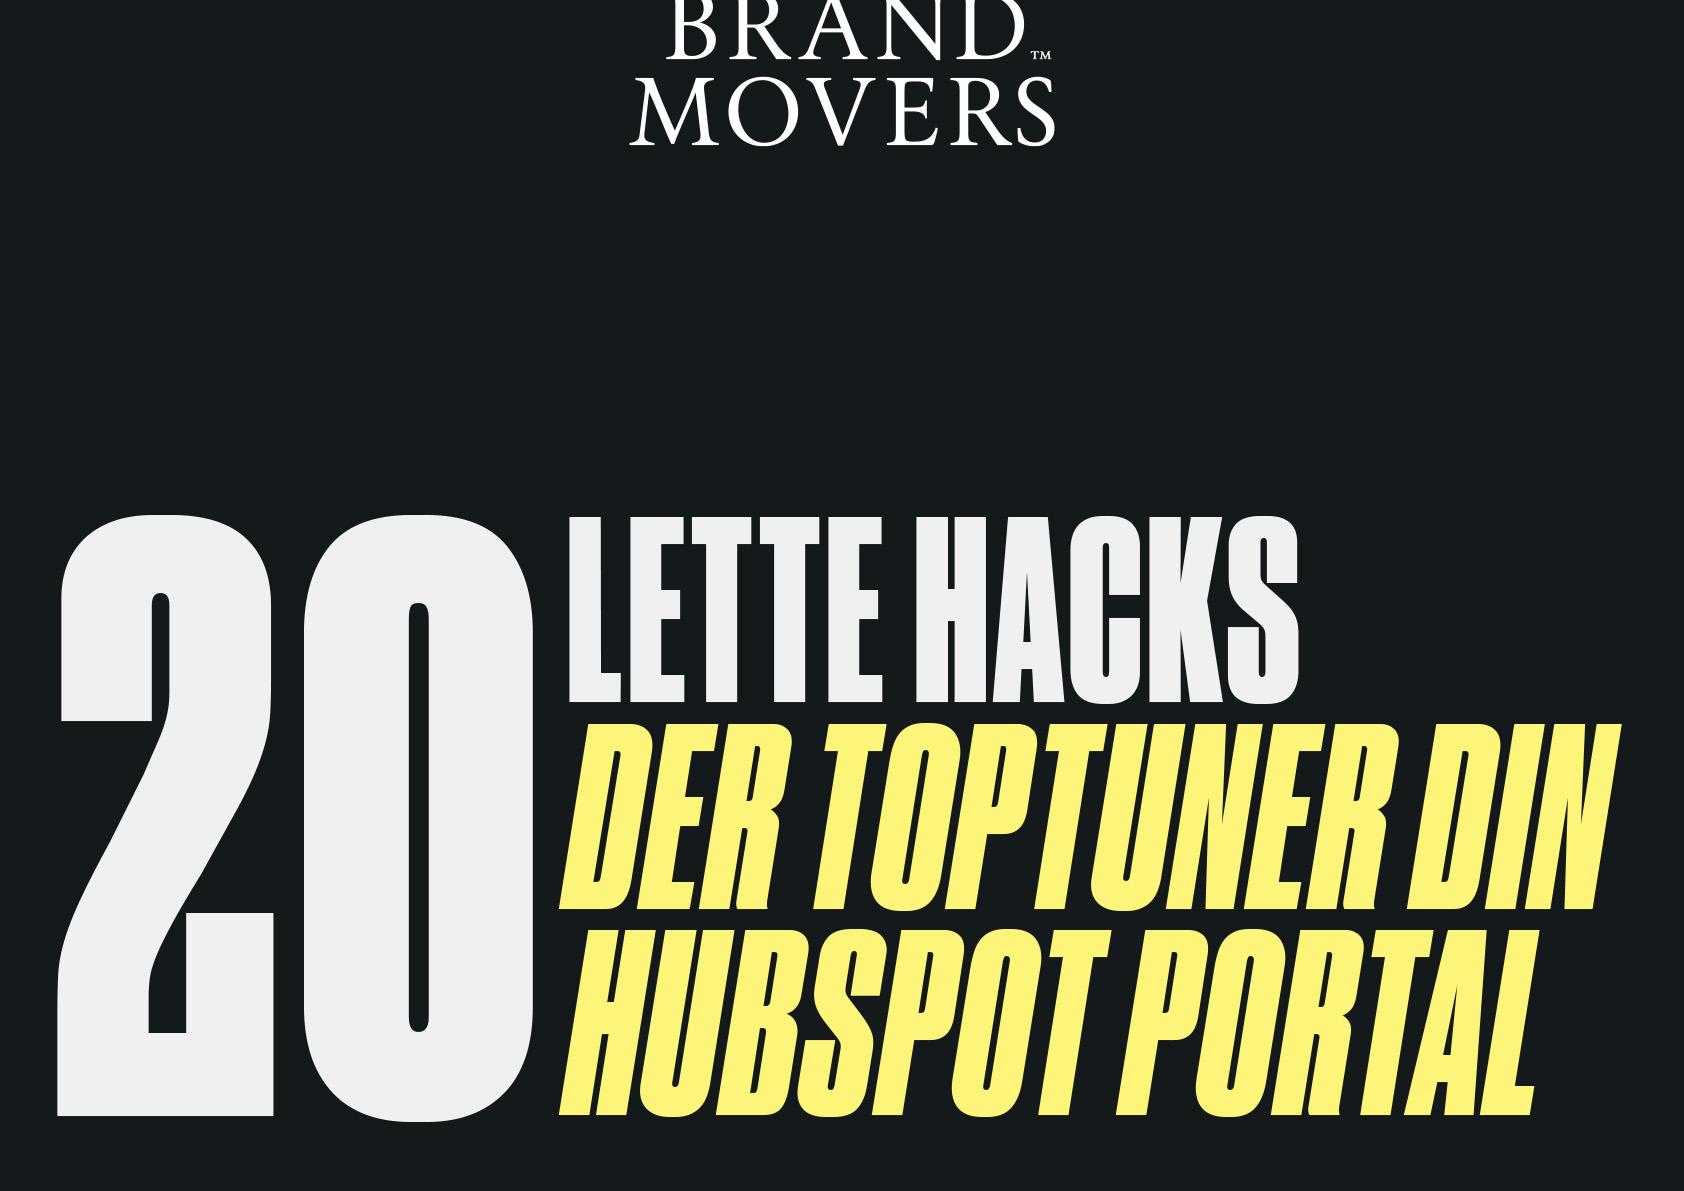 Page01_20 lette hacks